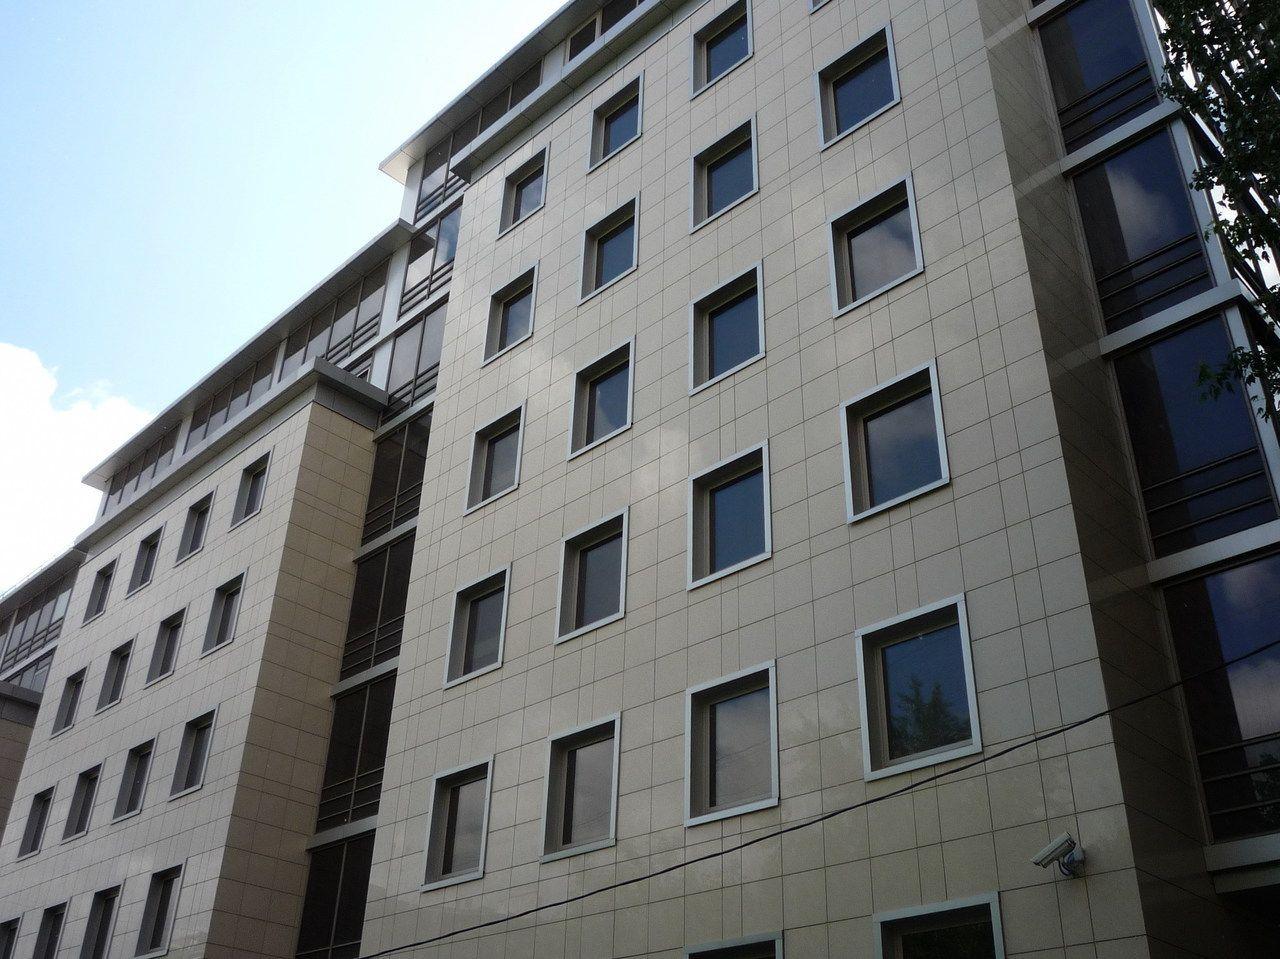 Поиск Коммерческой недвижимости Волконский 2-й переулок офисные помещения Новосходненское шоссе